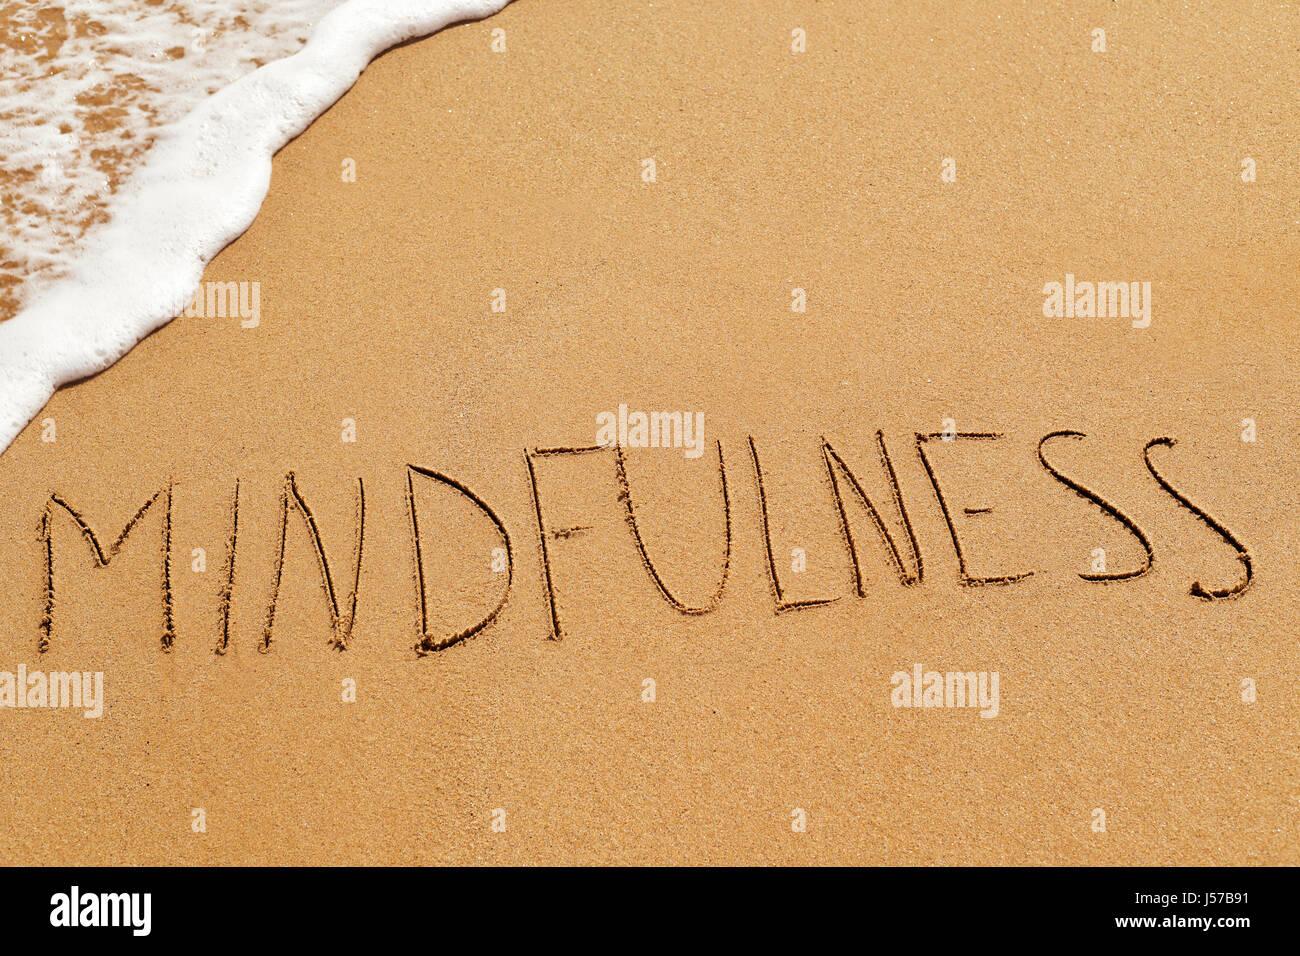 Le mot attention, écrit dans le sable d'une plage Photo Stock